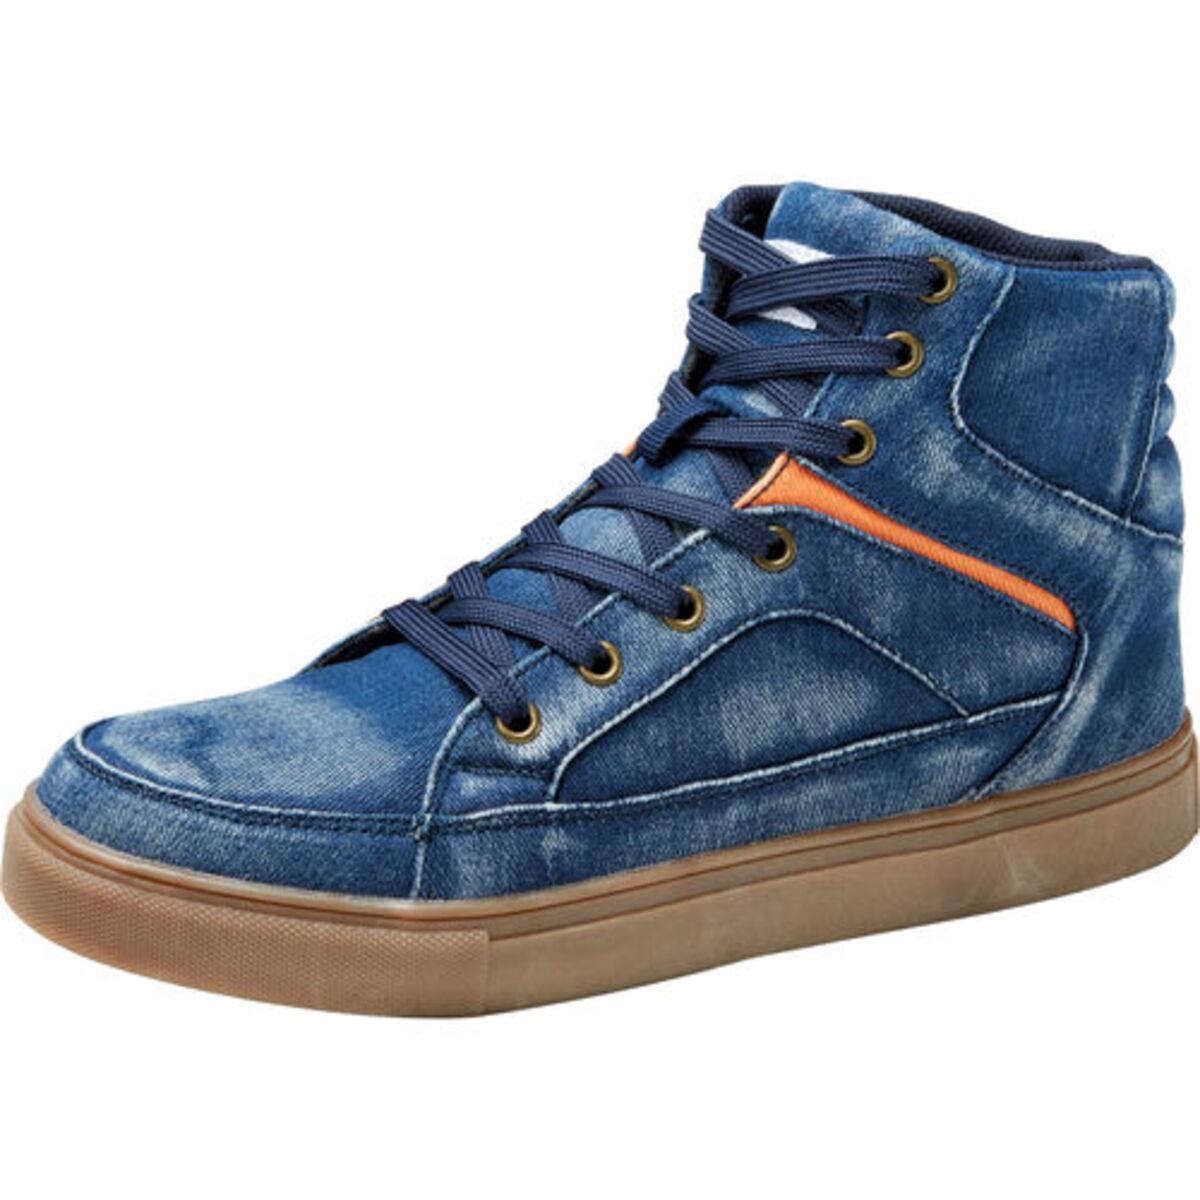 Bild 3 von FLM            Canvas Sneaker blau